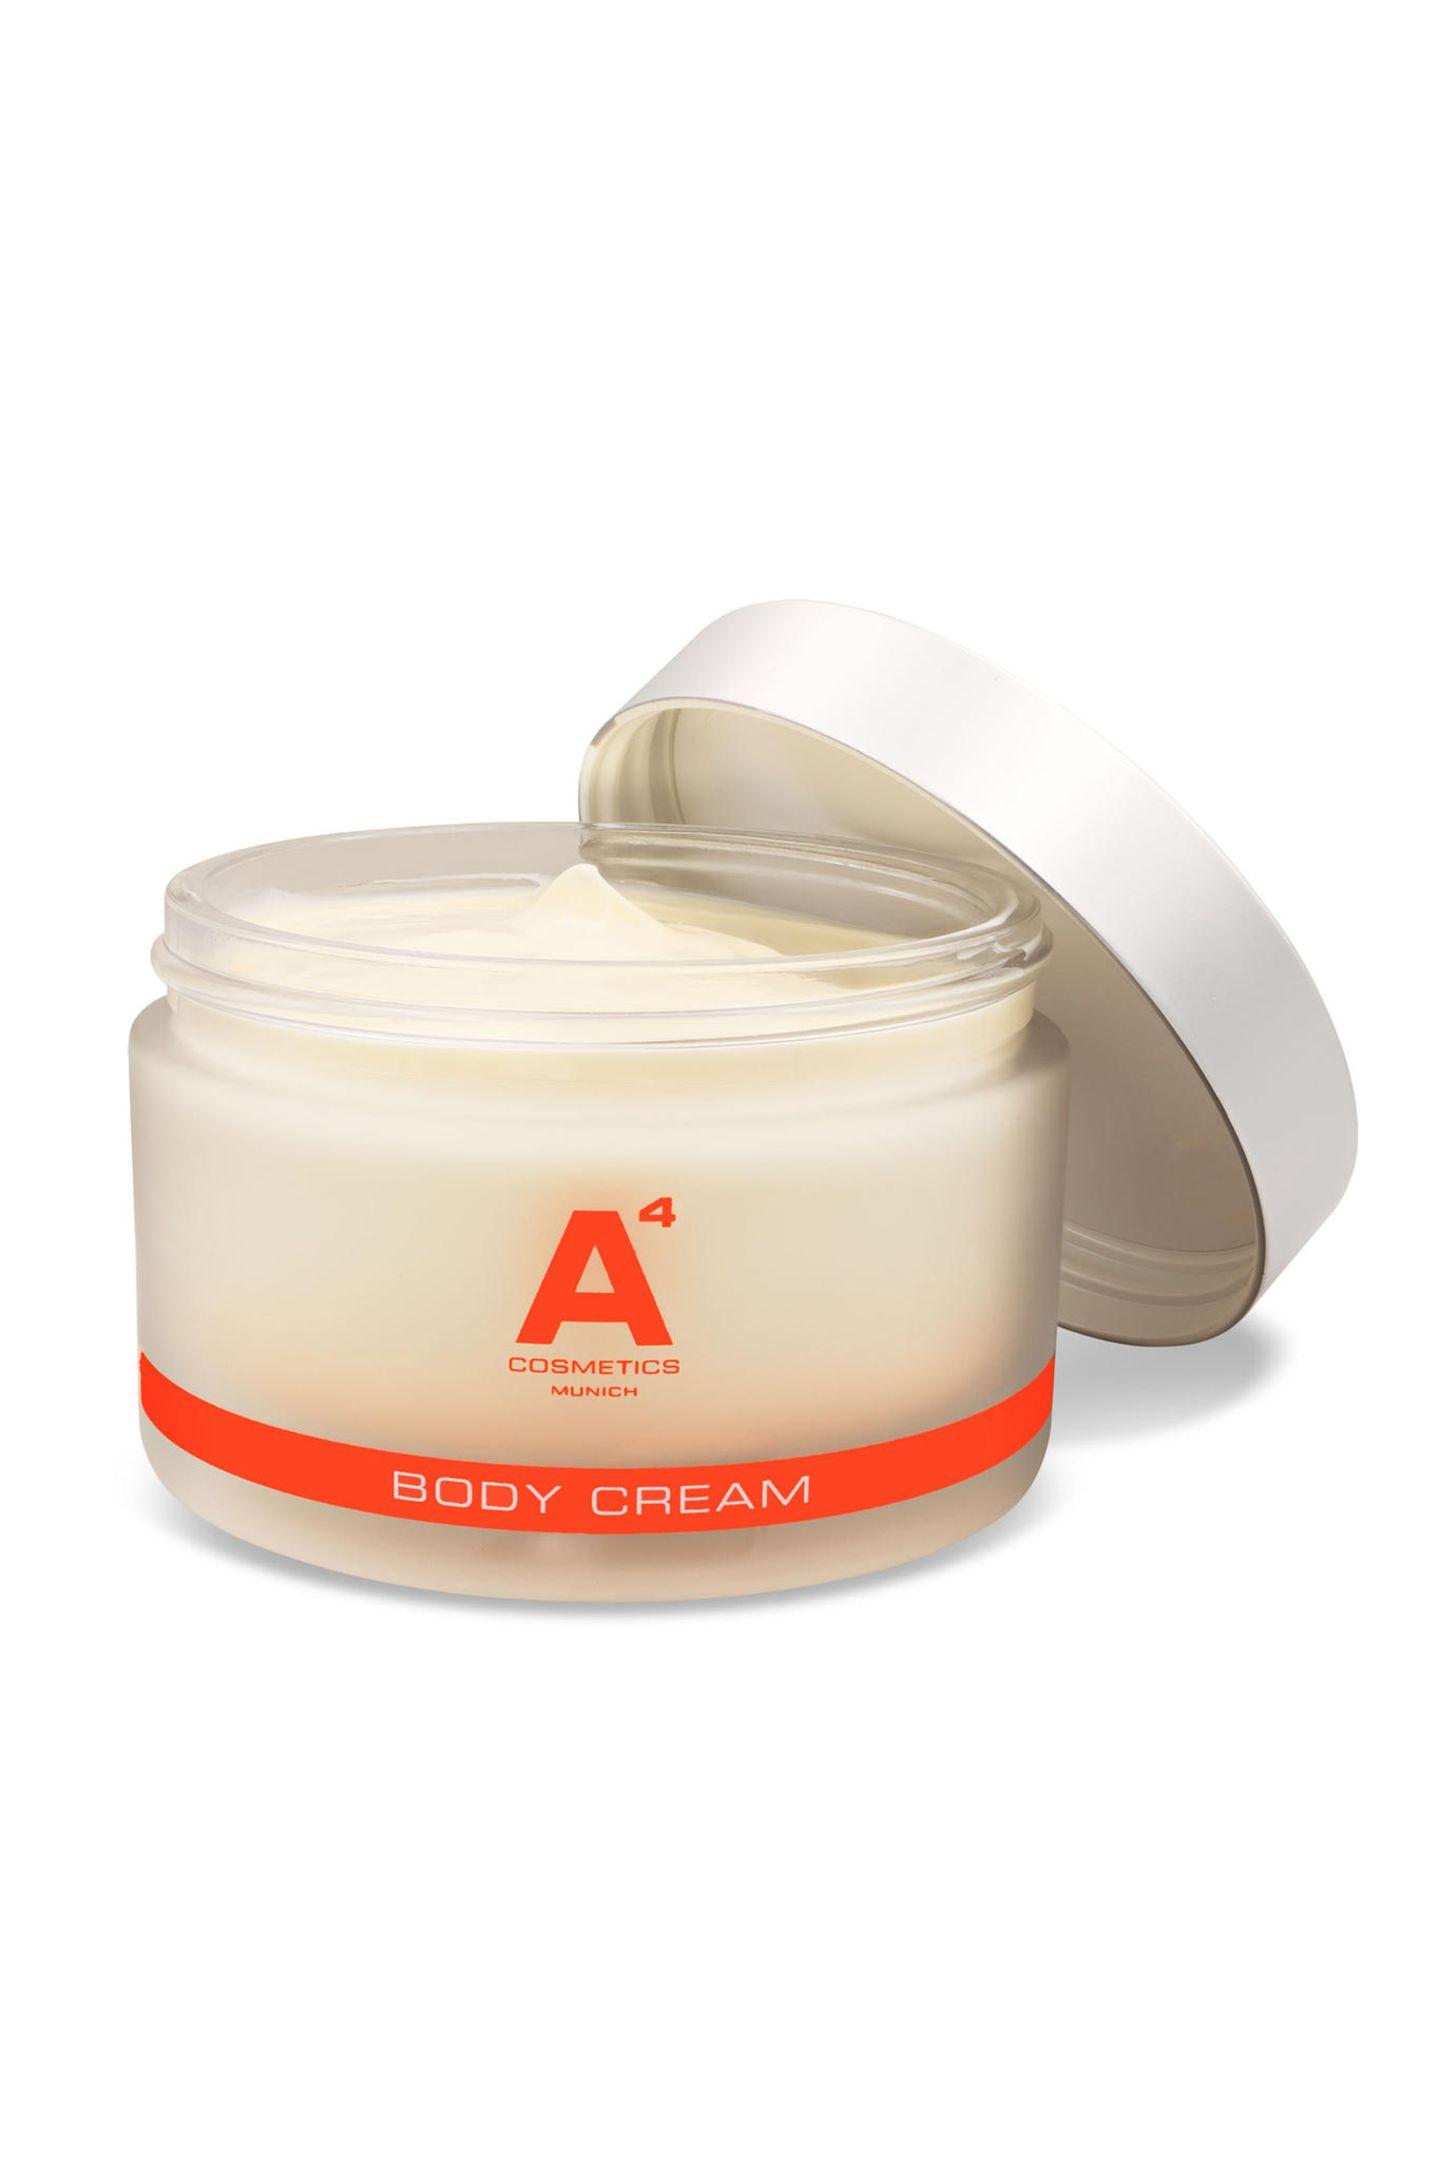 Schenken Sie Ihrer Mutter das Verwöhn-Treatment für Zuhause: Die A4 Body Cream begeistert mit 100 % pflanzlichem Argan-Stammzellextrakt und sorgt für intensiv gepflegte und straffe Haut! Von A4 Cosmetics, 113 Euro